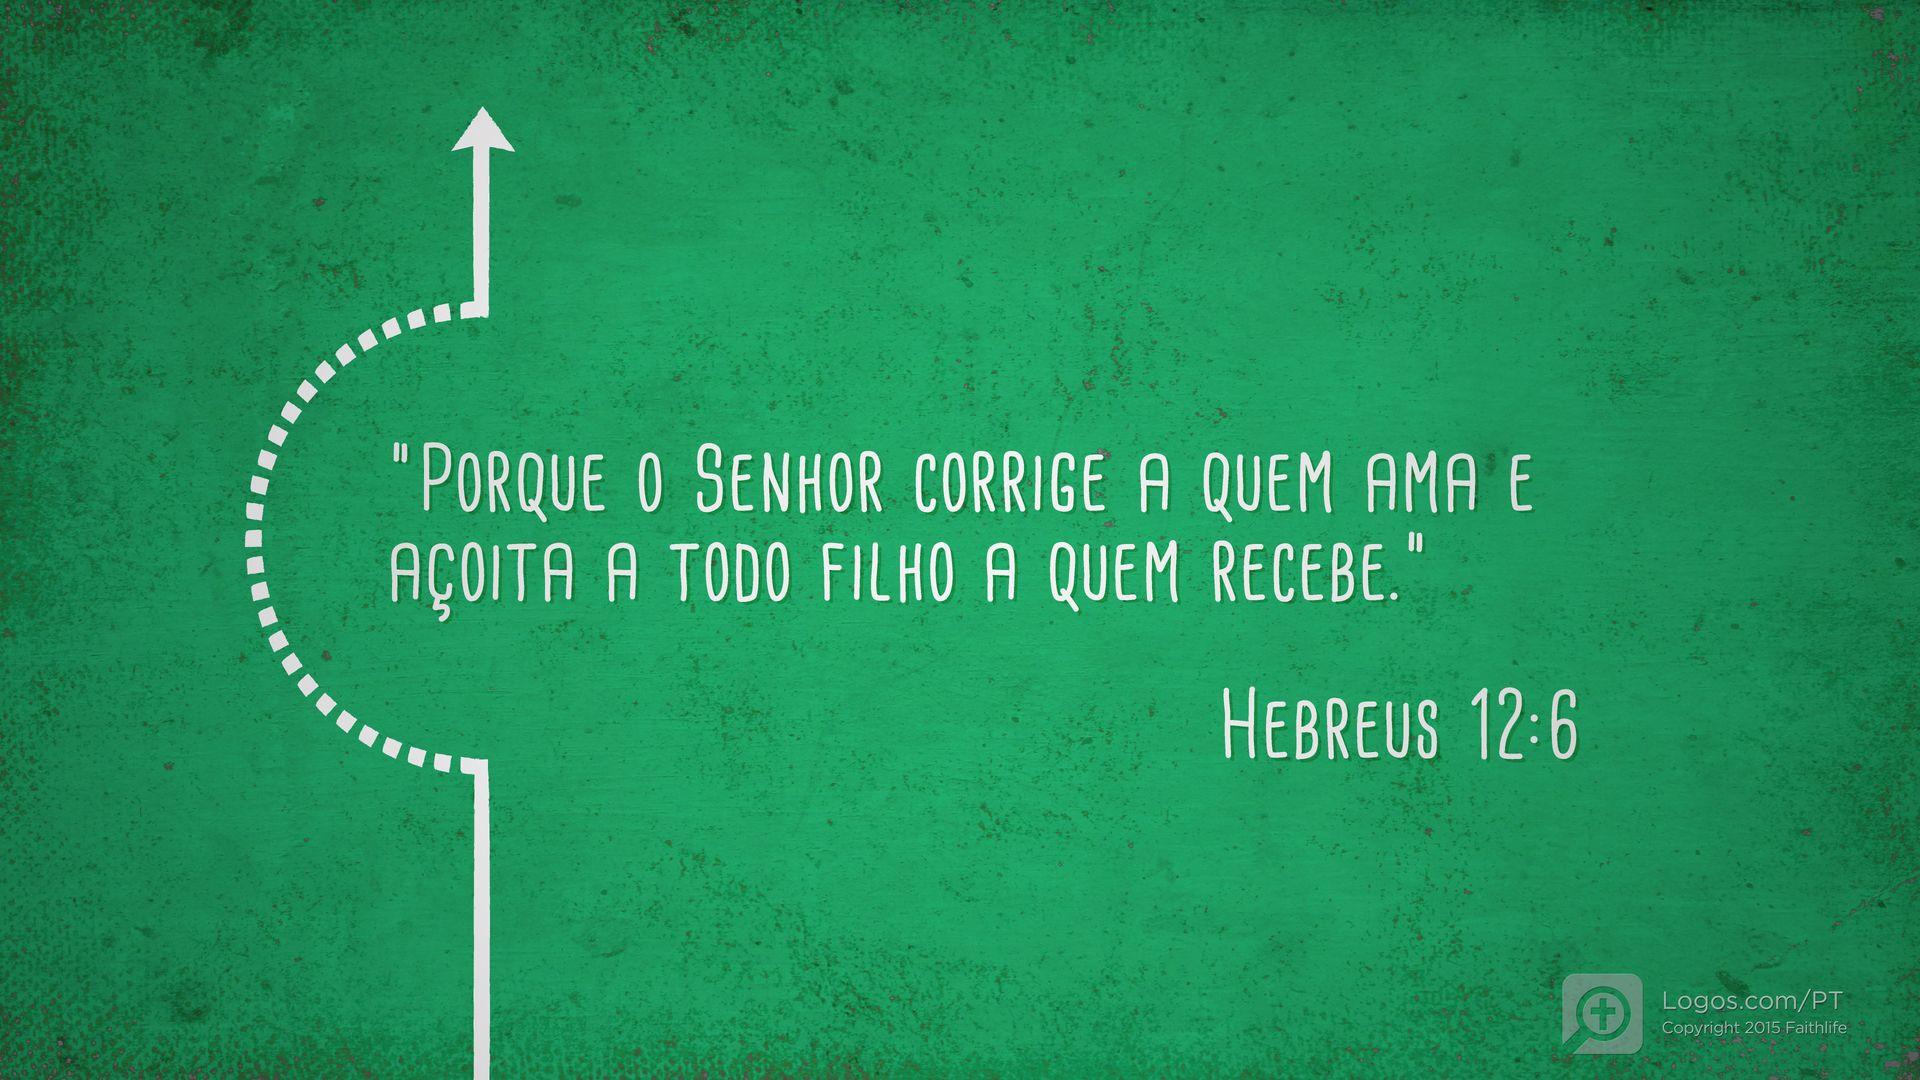 Eu estou lendo Hebreus 12.6